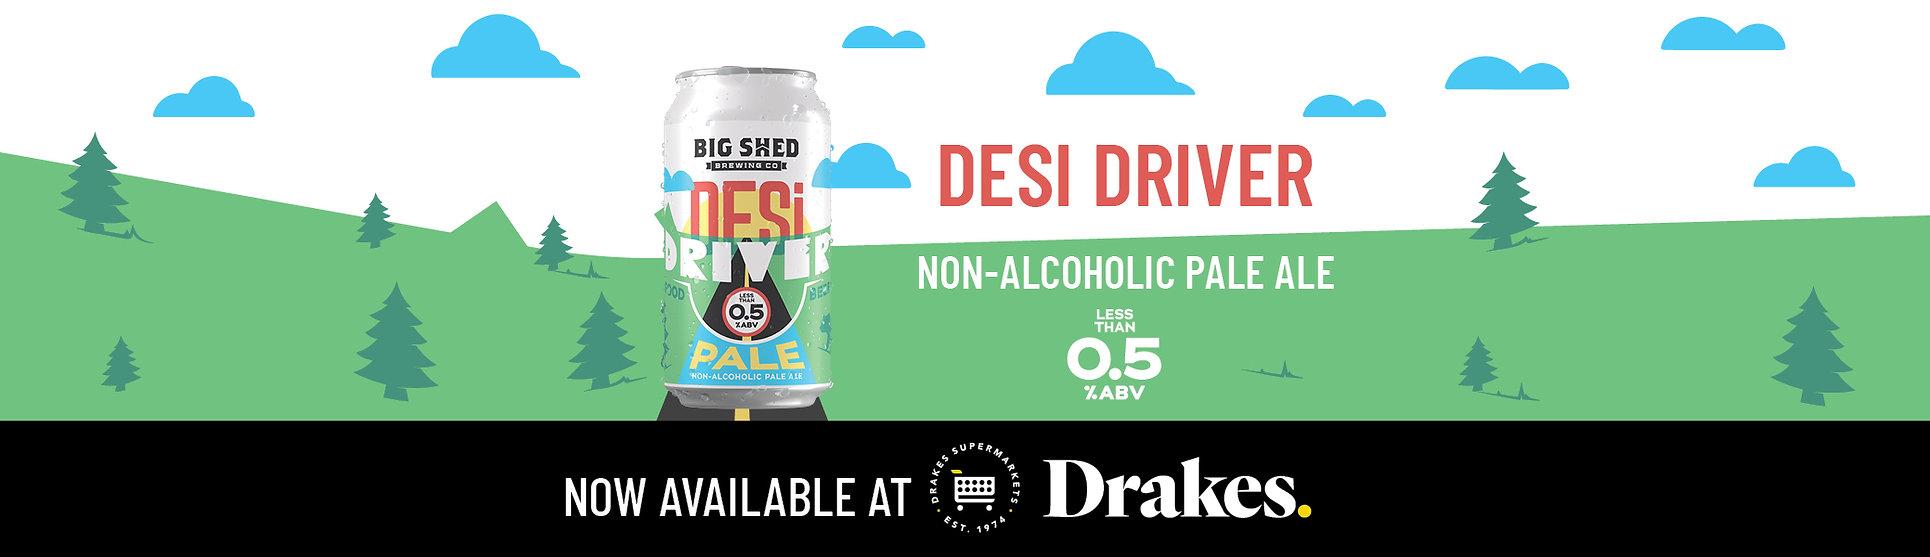 Website Banner_Desi at Drakes.jpg